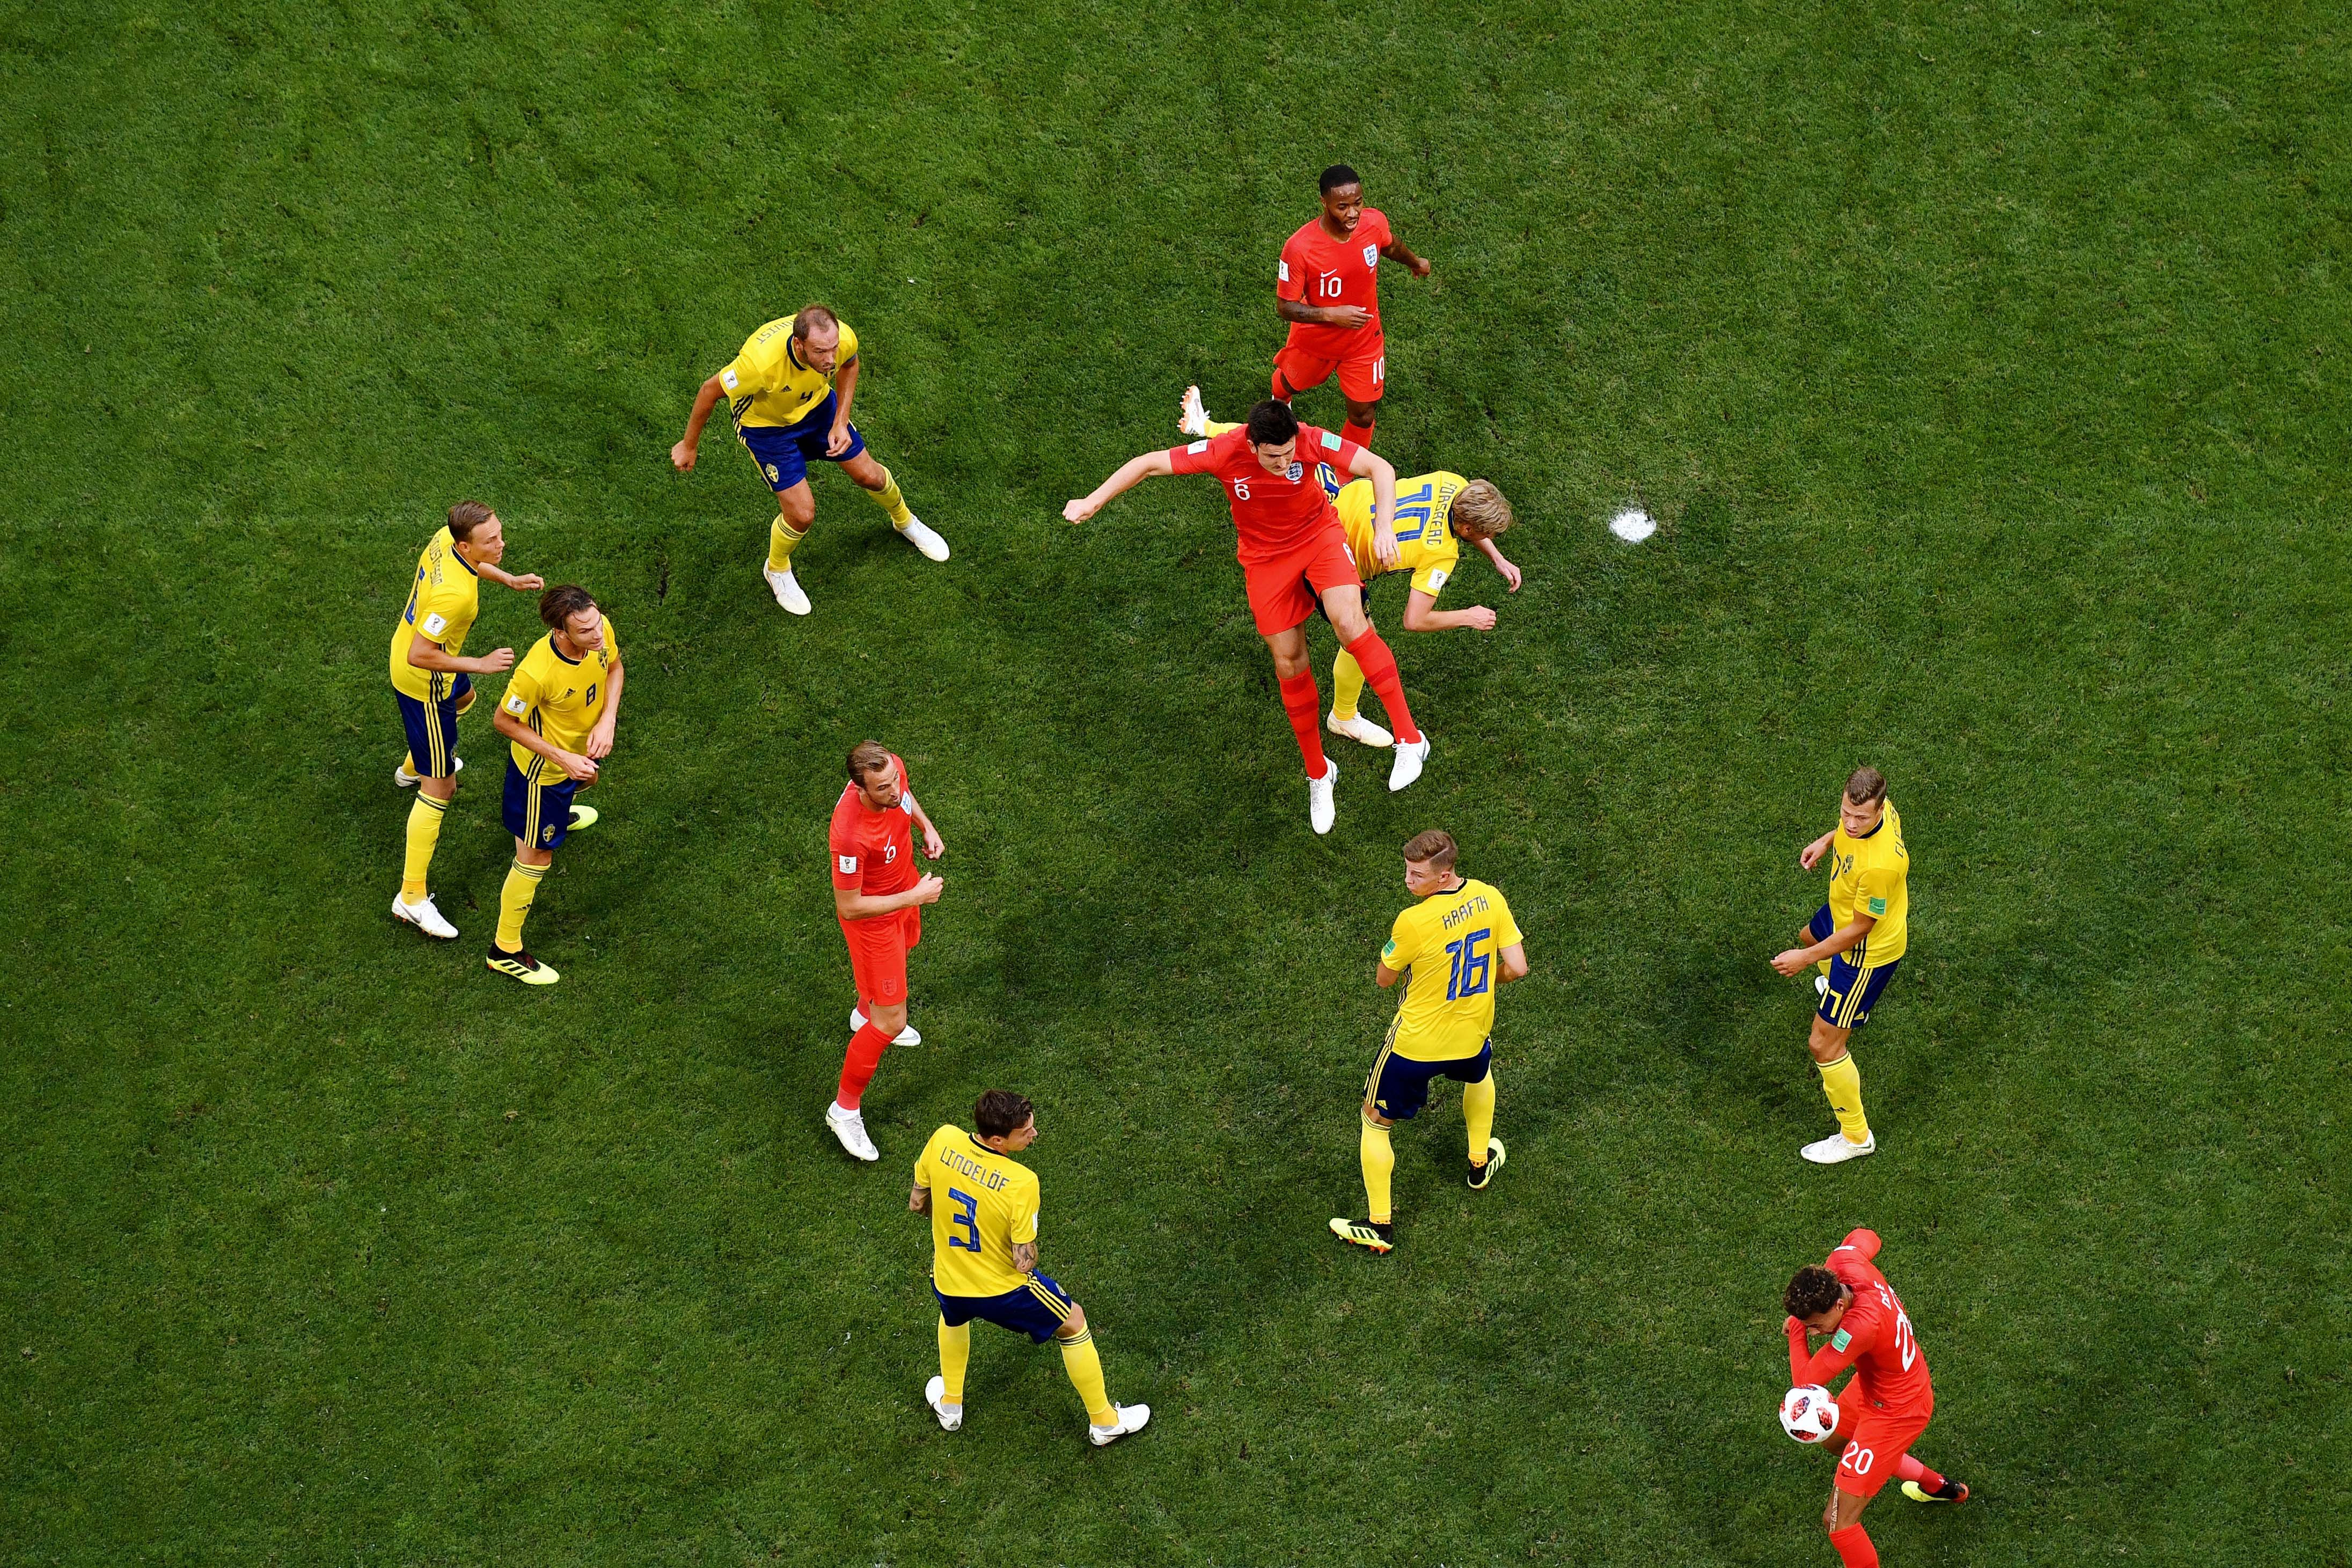 Матч Англии против Швеции, защитник Гарри Магуайр забивает головой иоткрывает счет